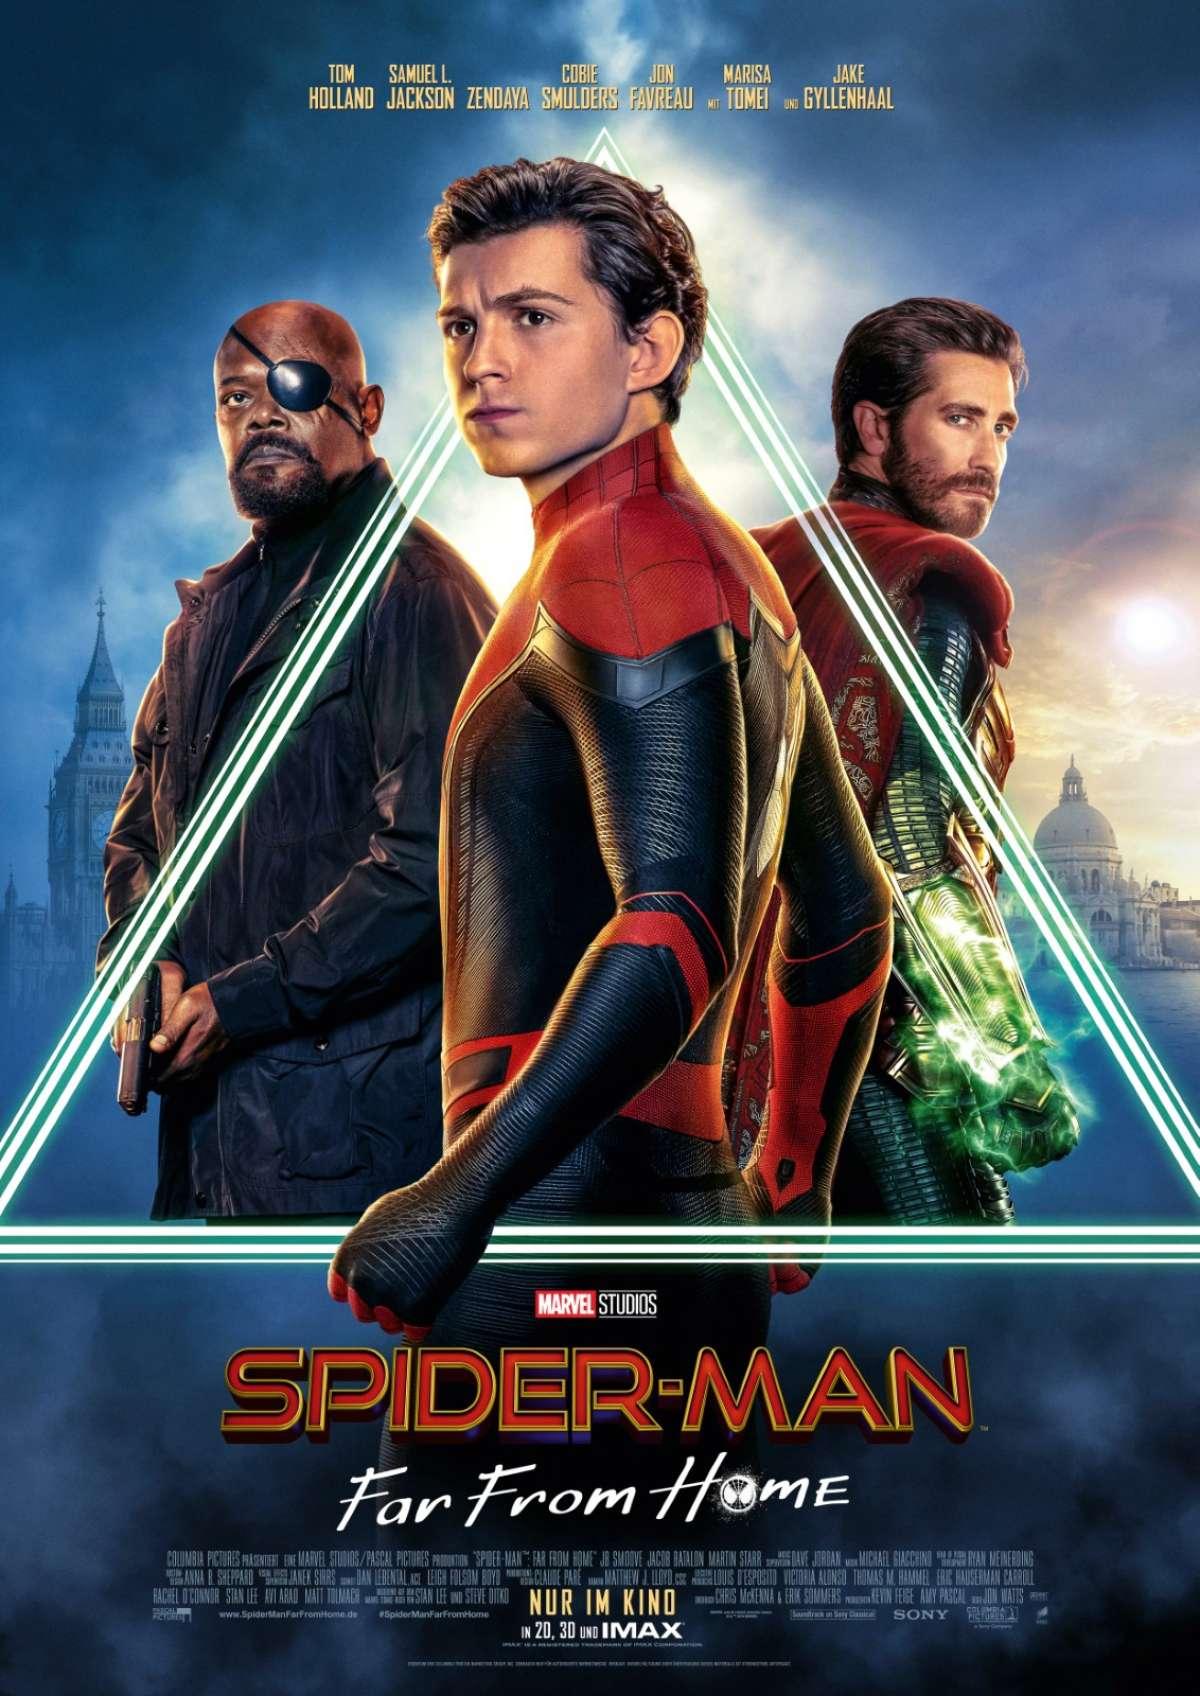 Spider-Man: Far frome home - Autokino Paderborn am Flughafen Paderborn - Büren, Westfalen